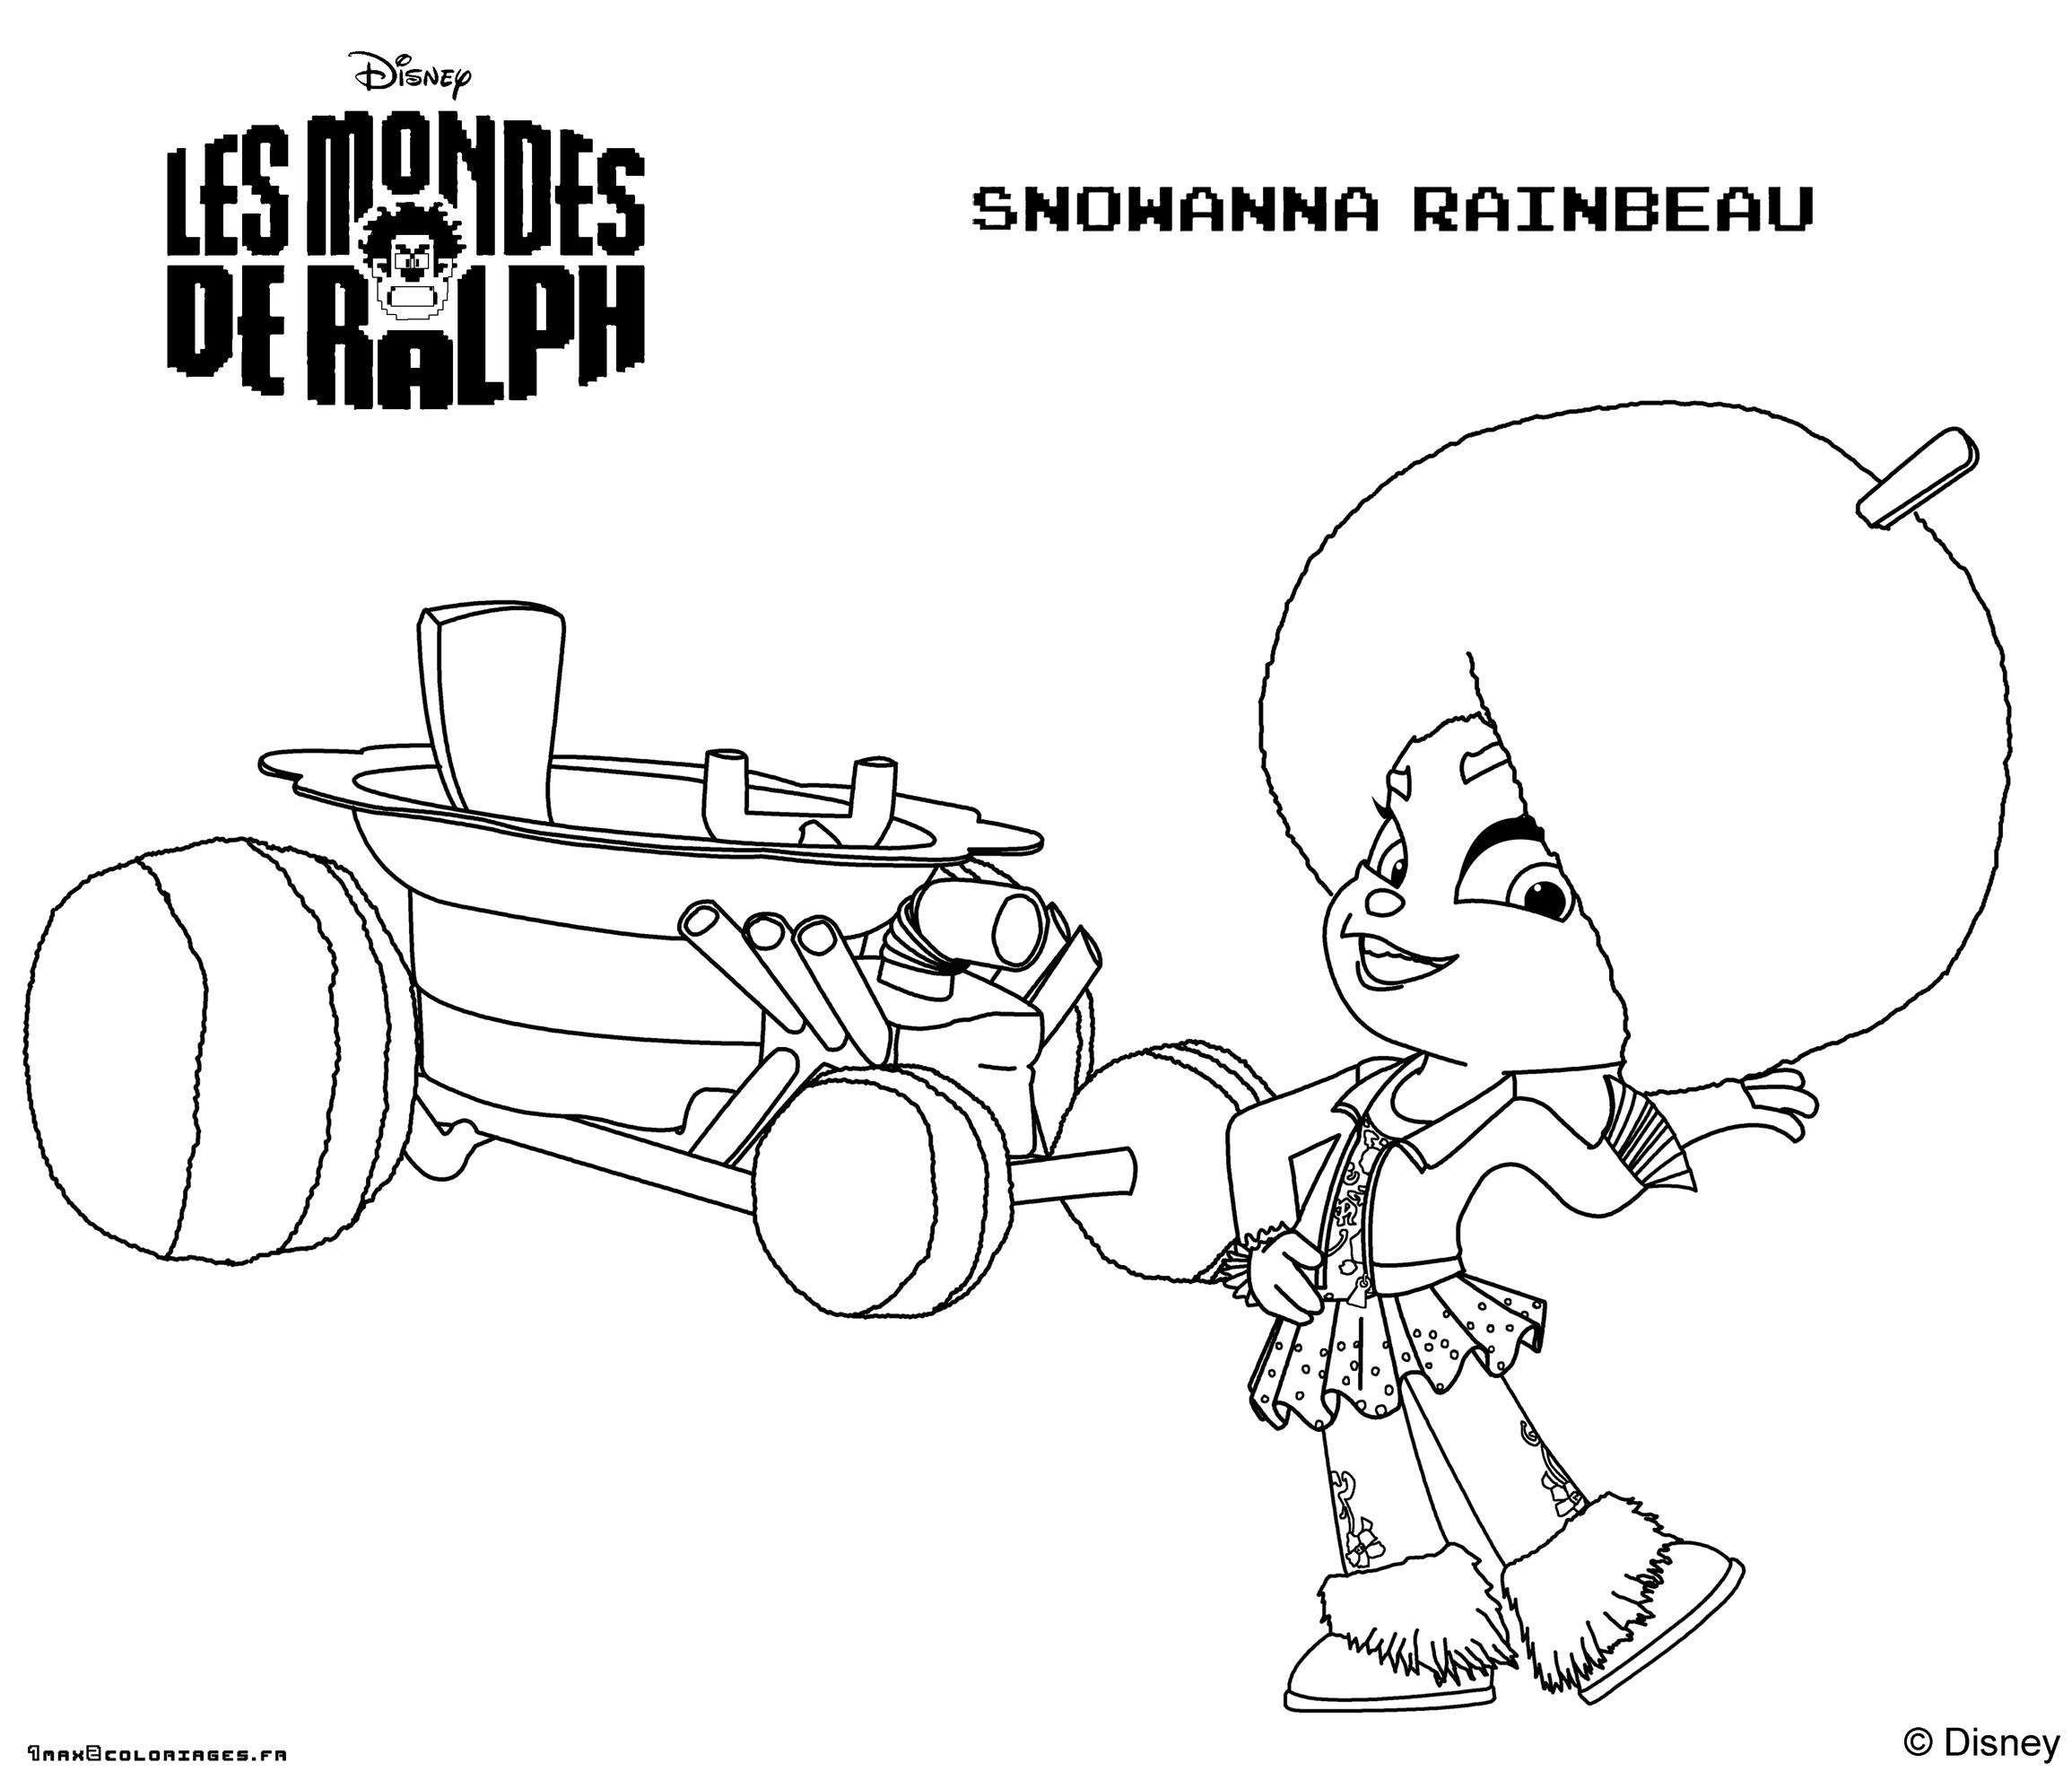 Coloring Page Wreck-It Ralph à Coloriage Ralph La Casse